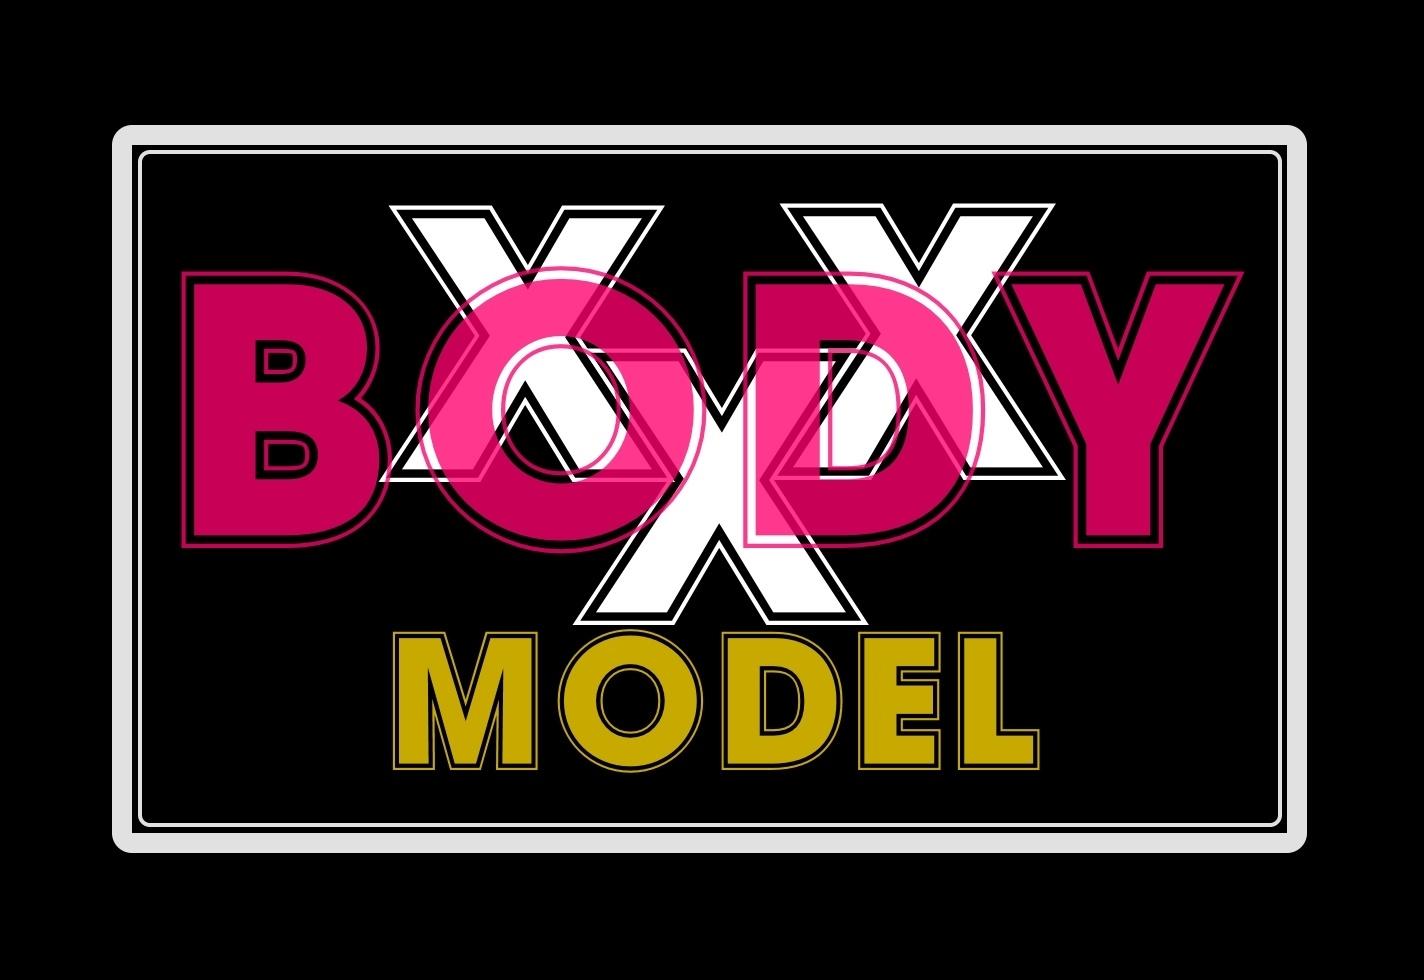 Разработка логотипа (видеоблог для моделей) фото f_8455b23f2dfbe6c0.jpg